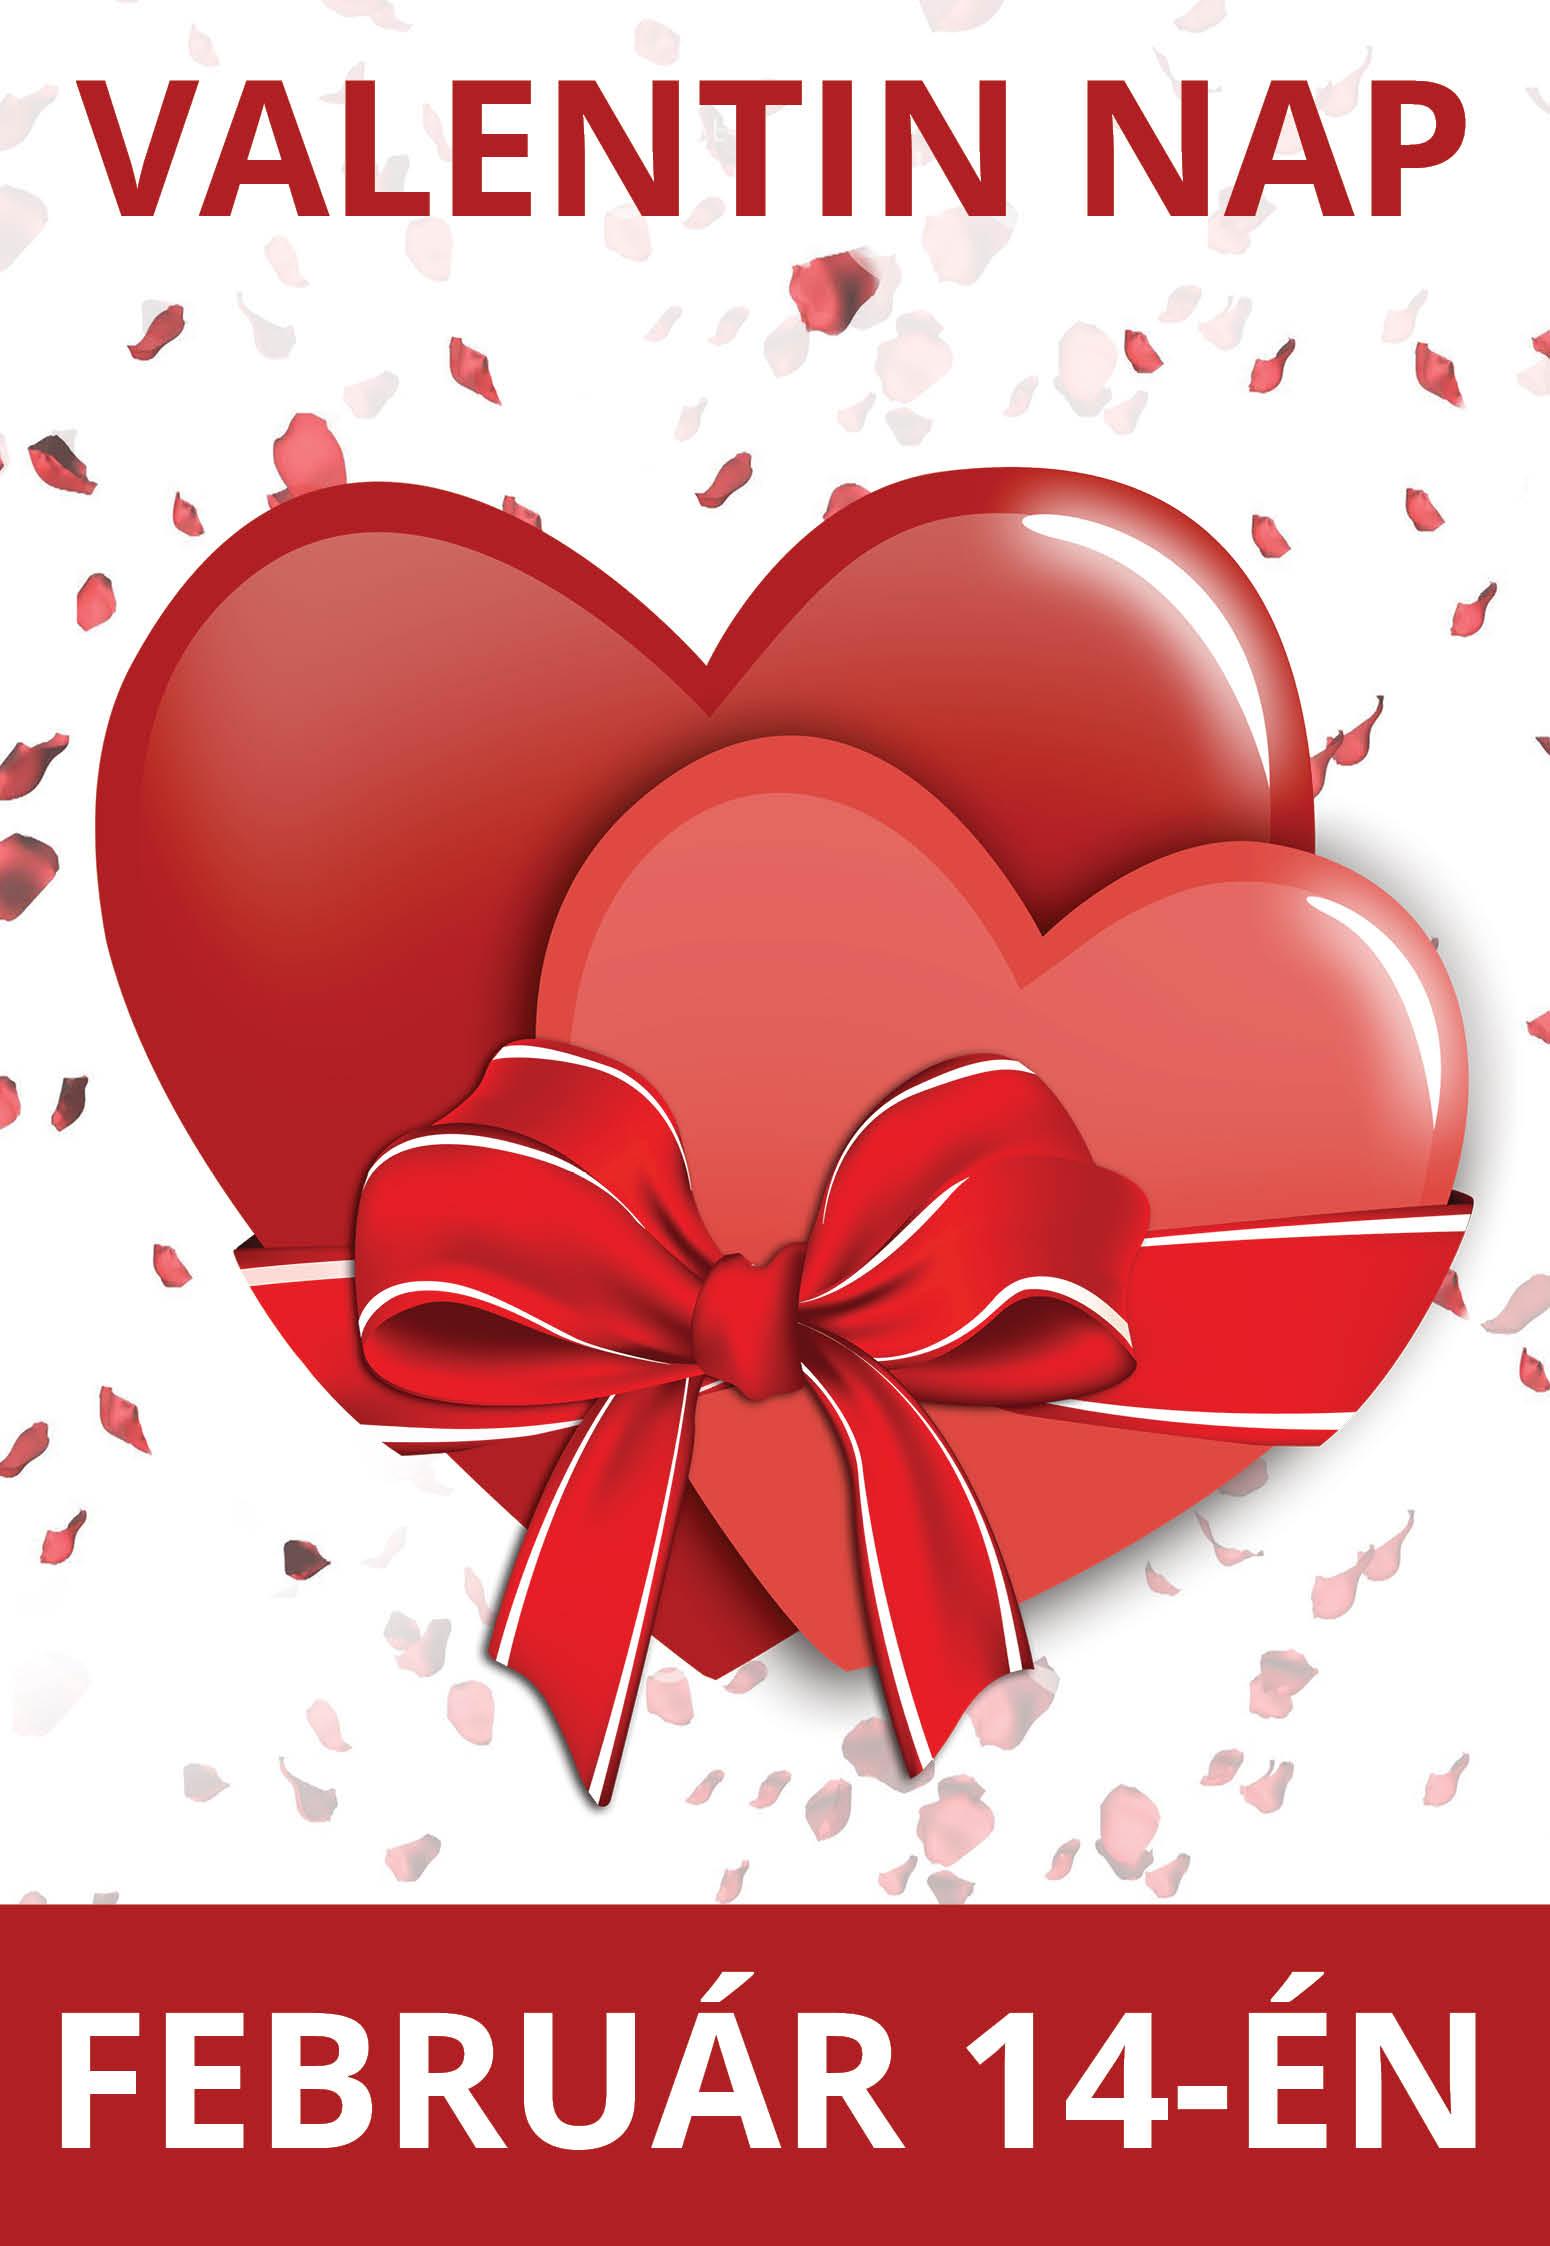 Valentin nap plakát